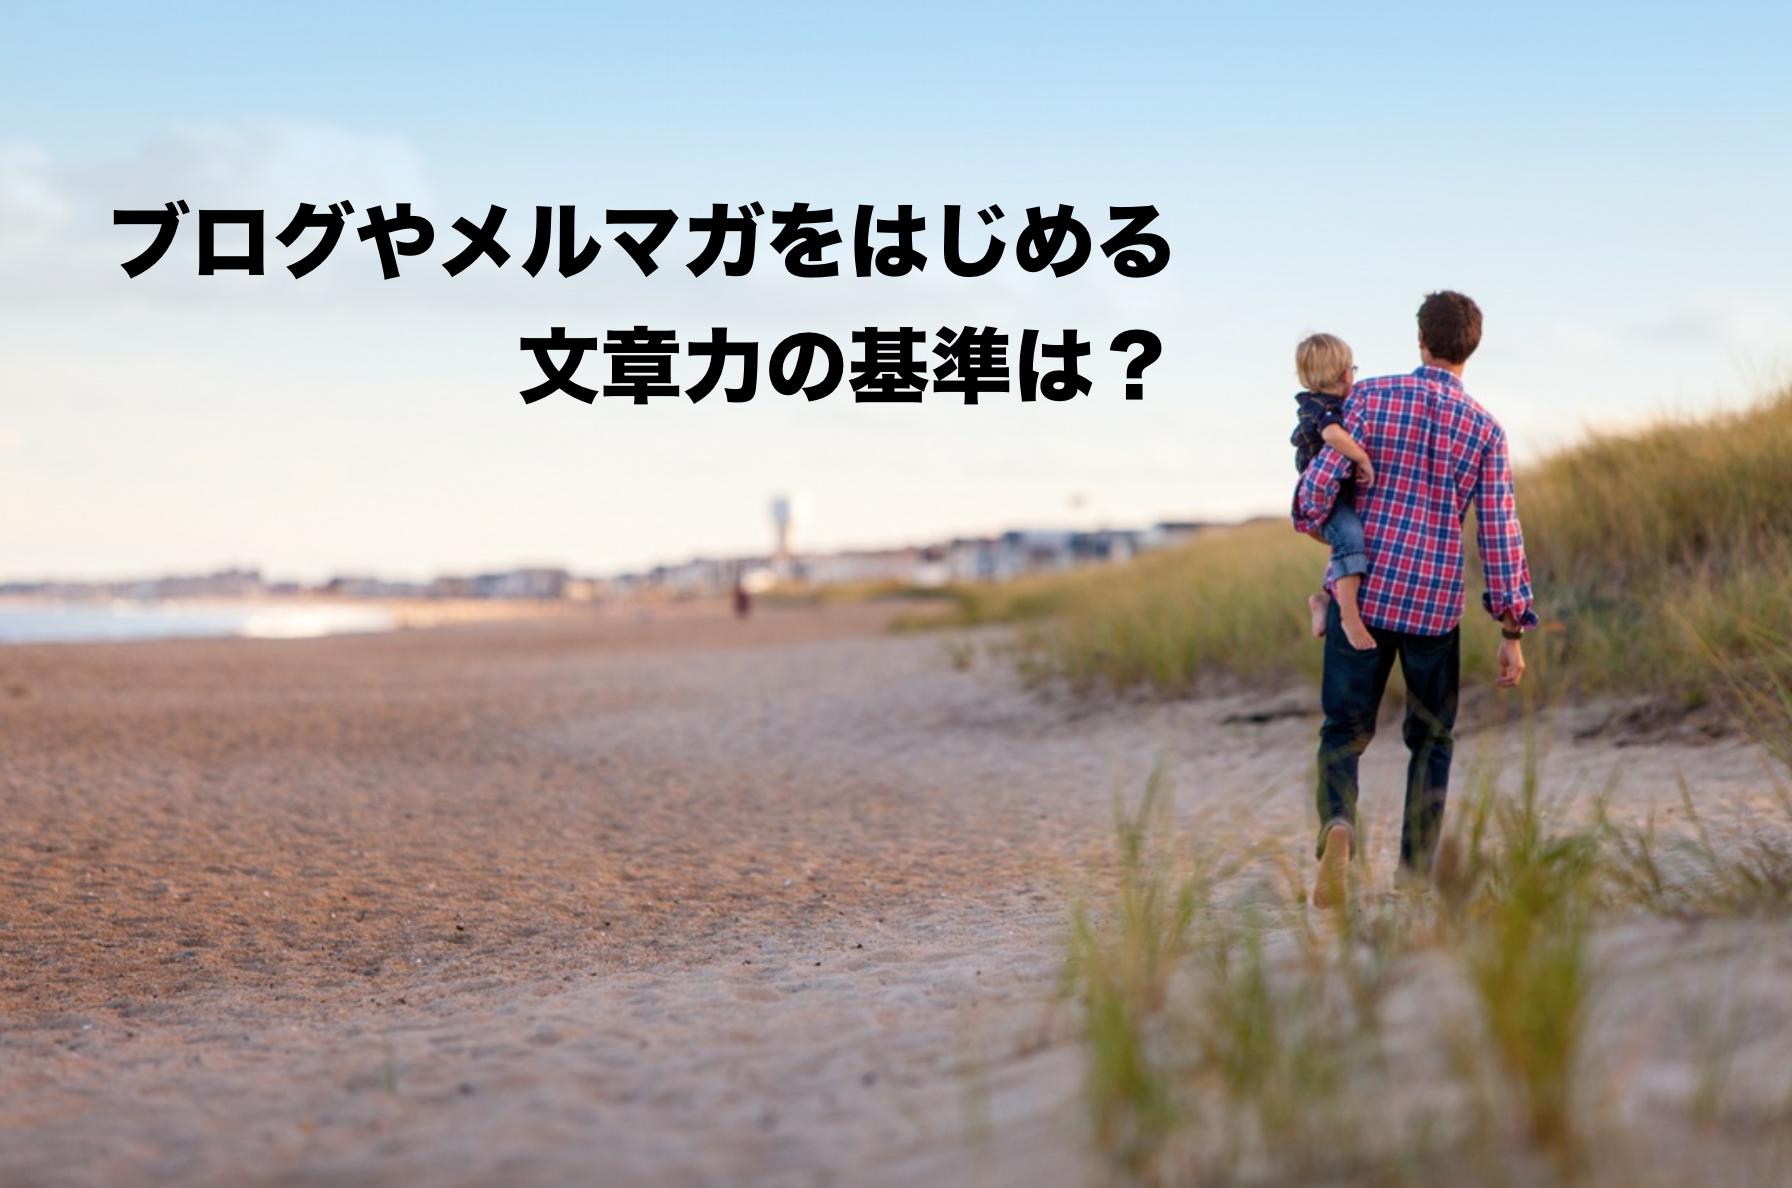 ブログやメルマガをはじめる文章力の基準は?